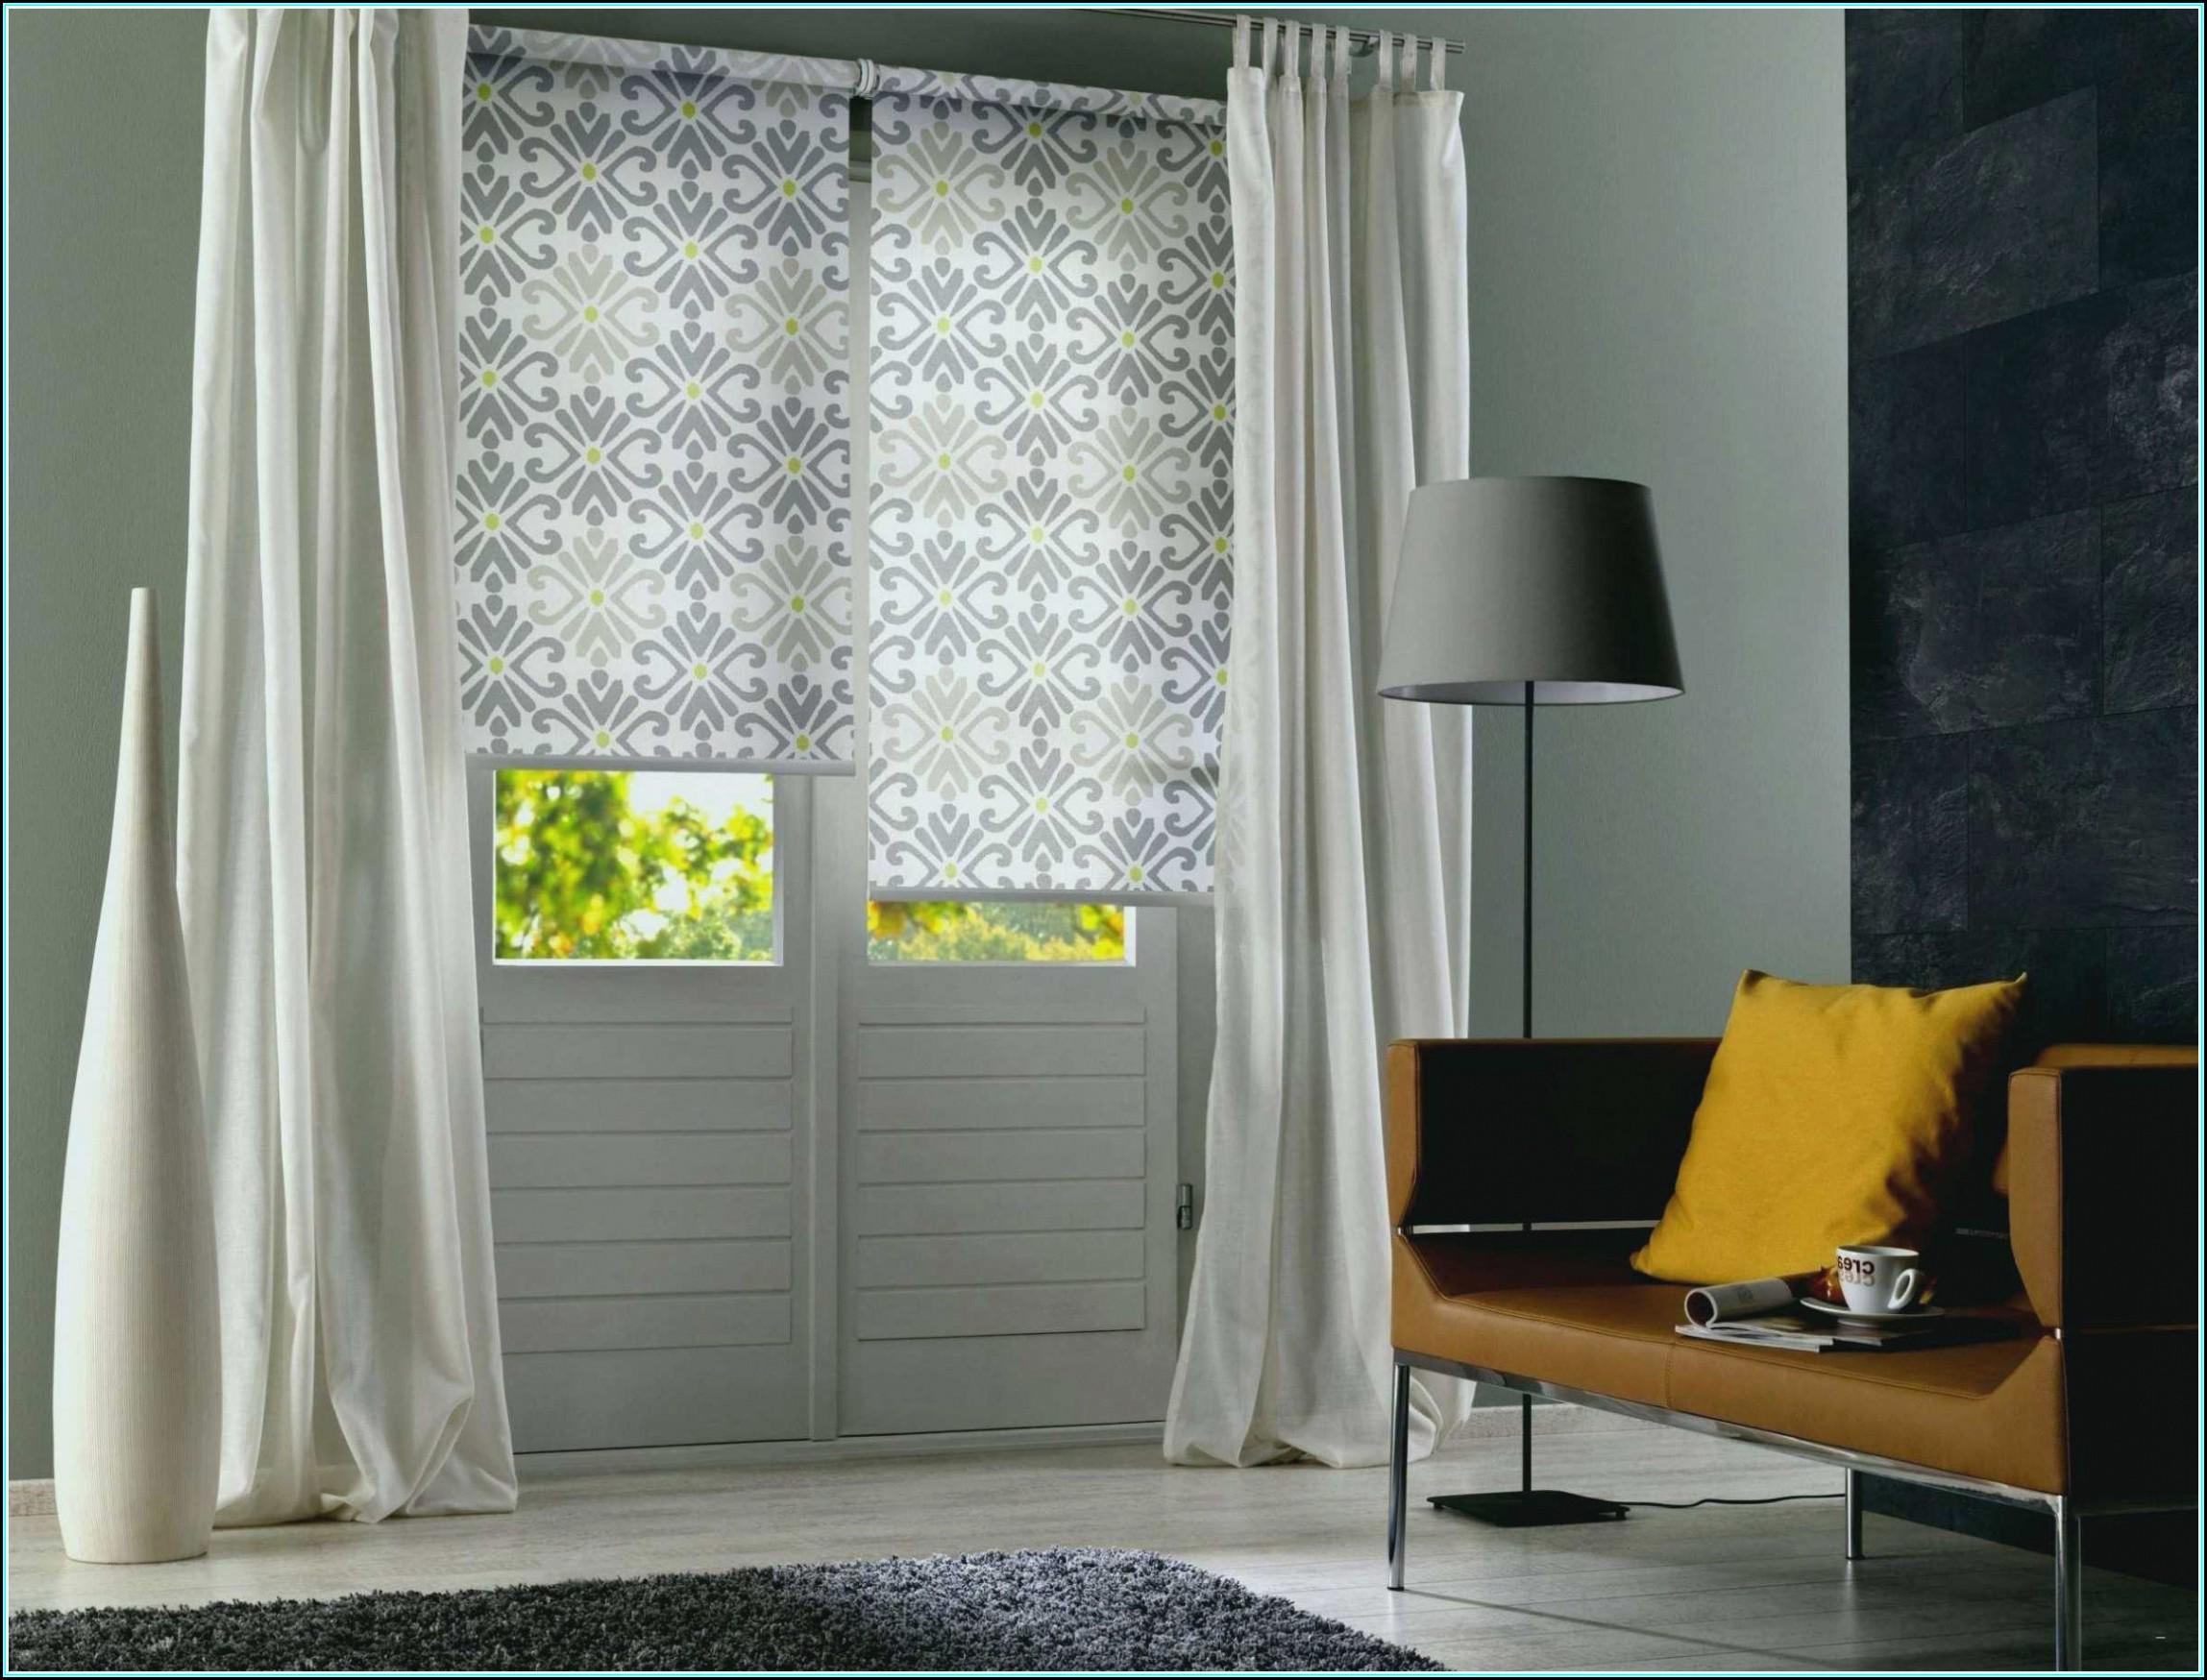 Deko Ideen Wohnzimmer Fenster